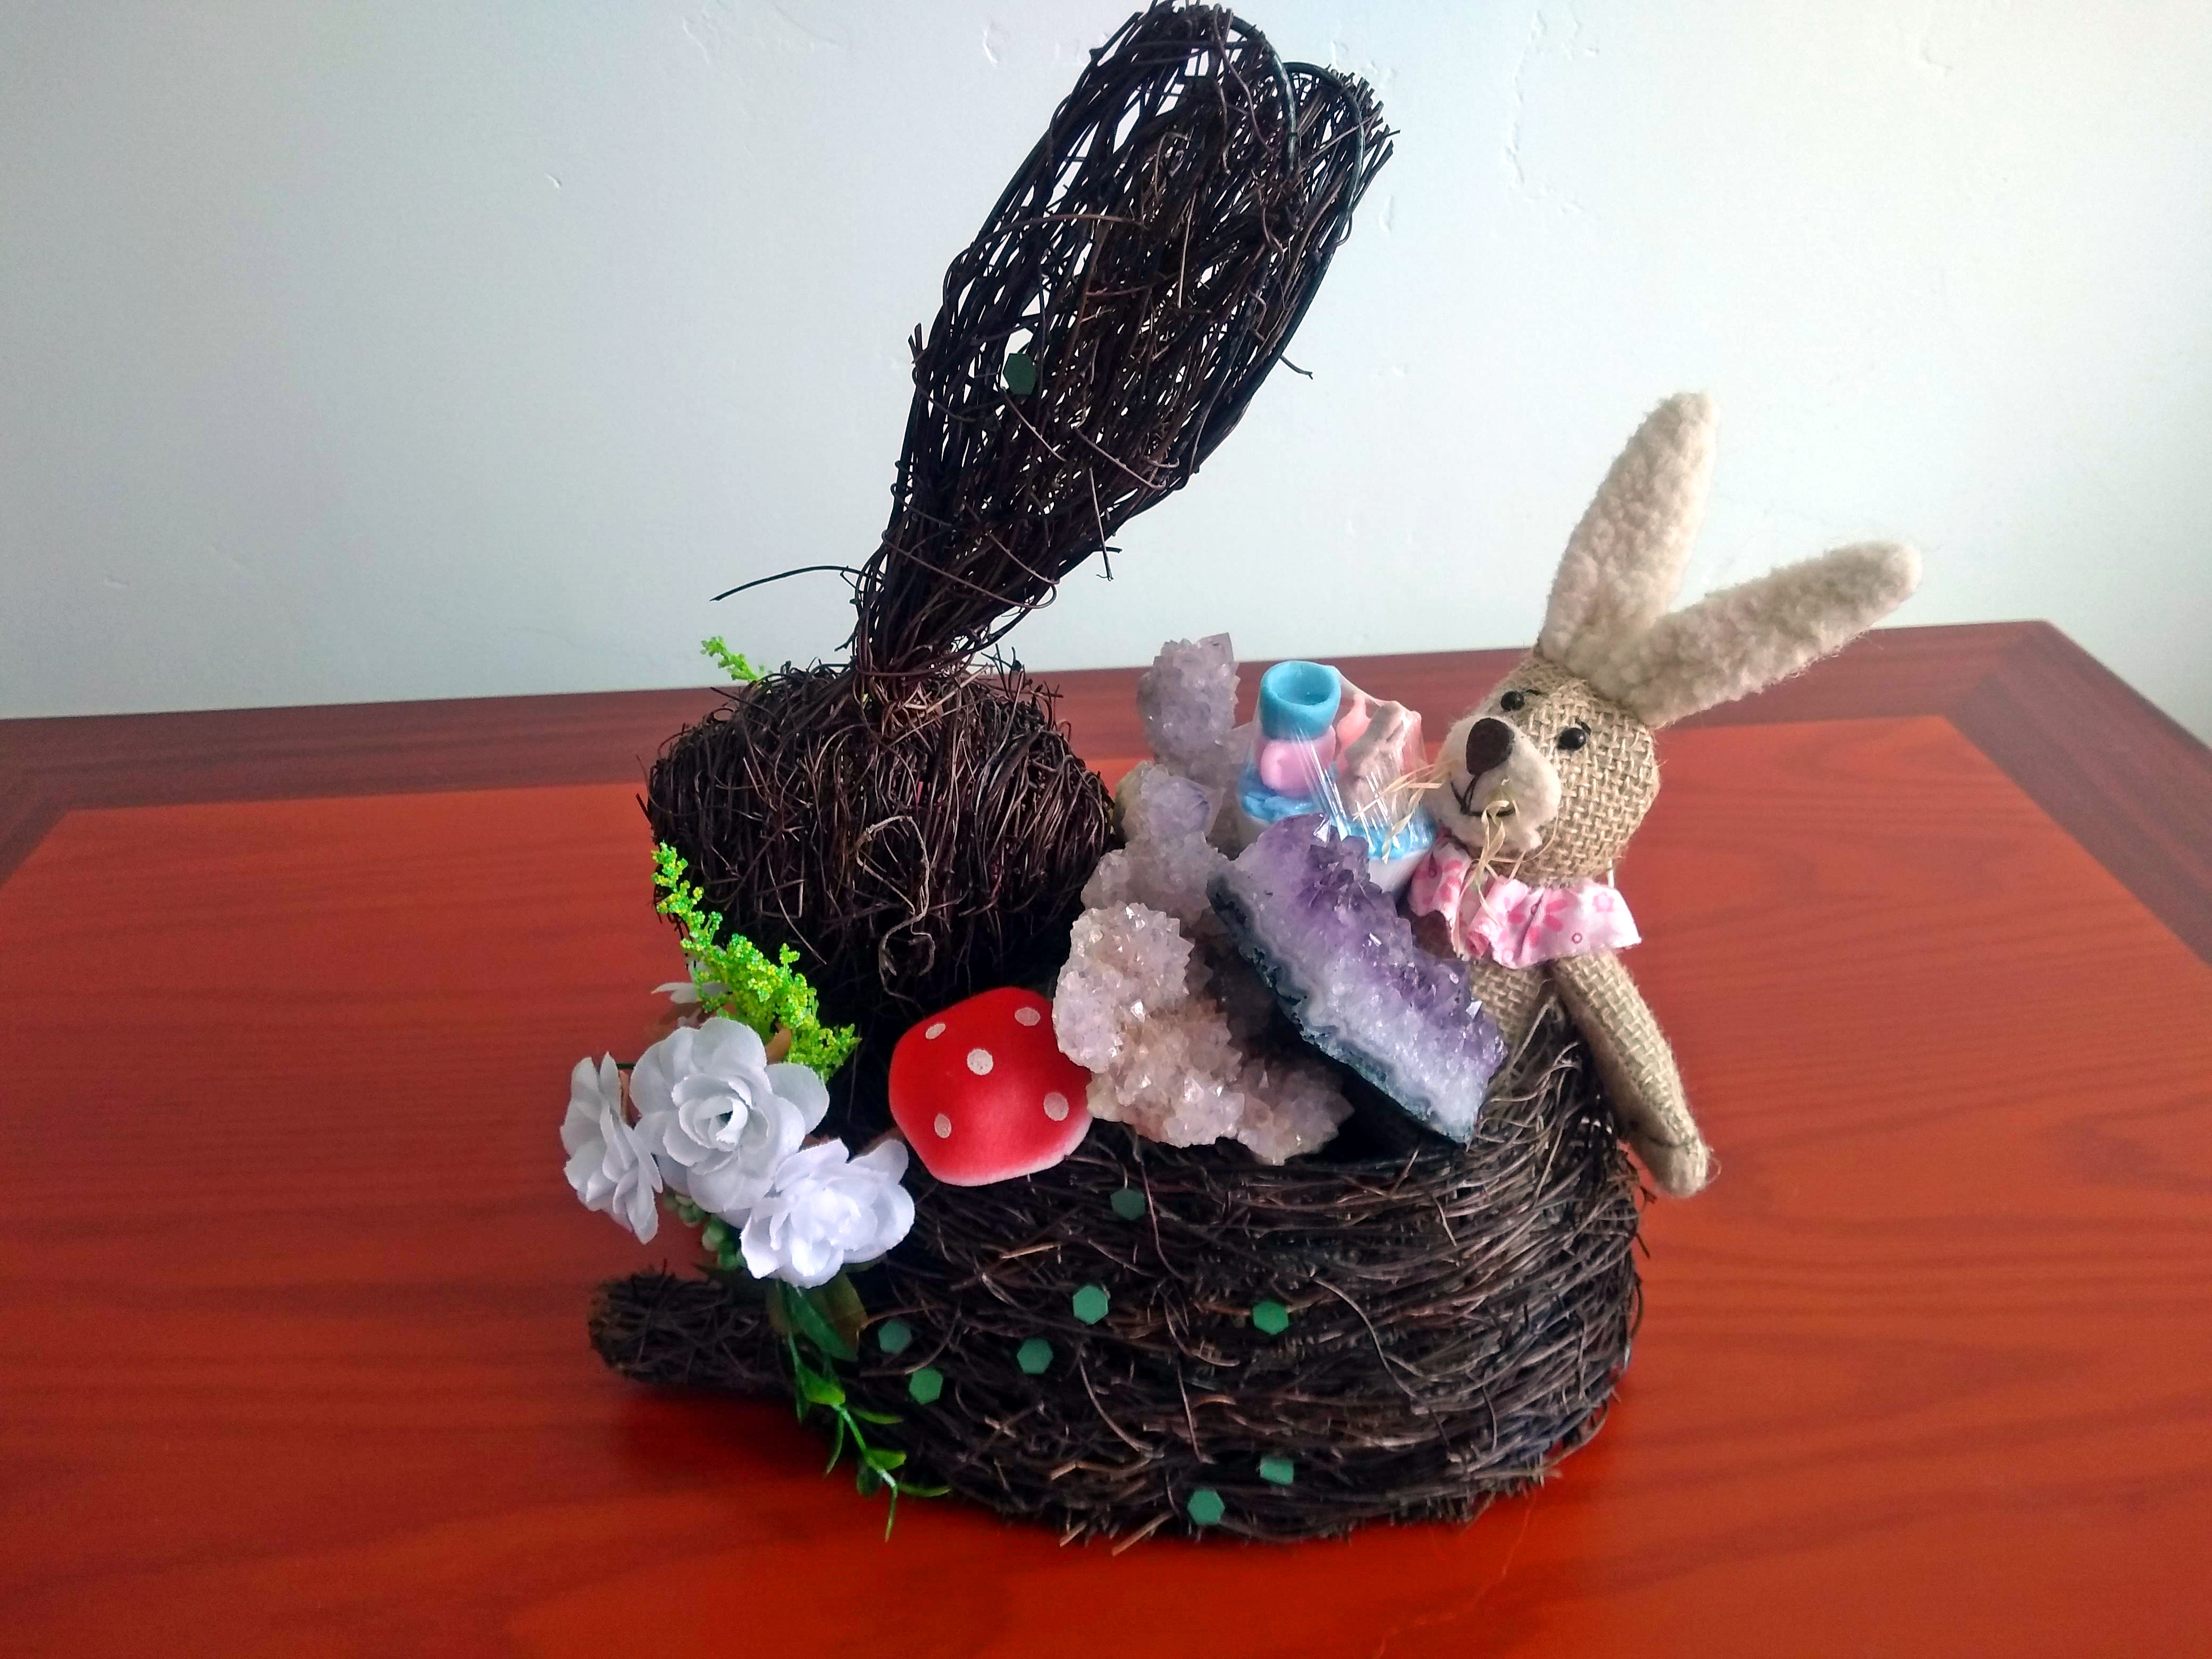 rabbit basket2 (3).jpg